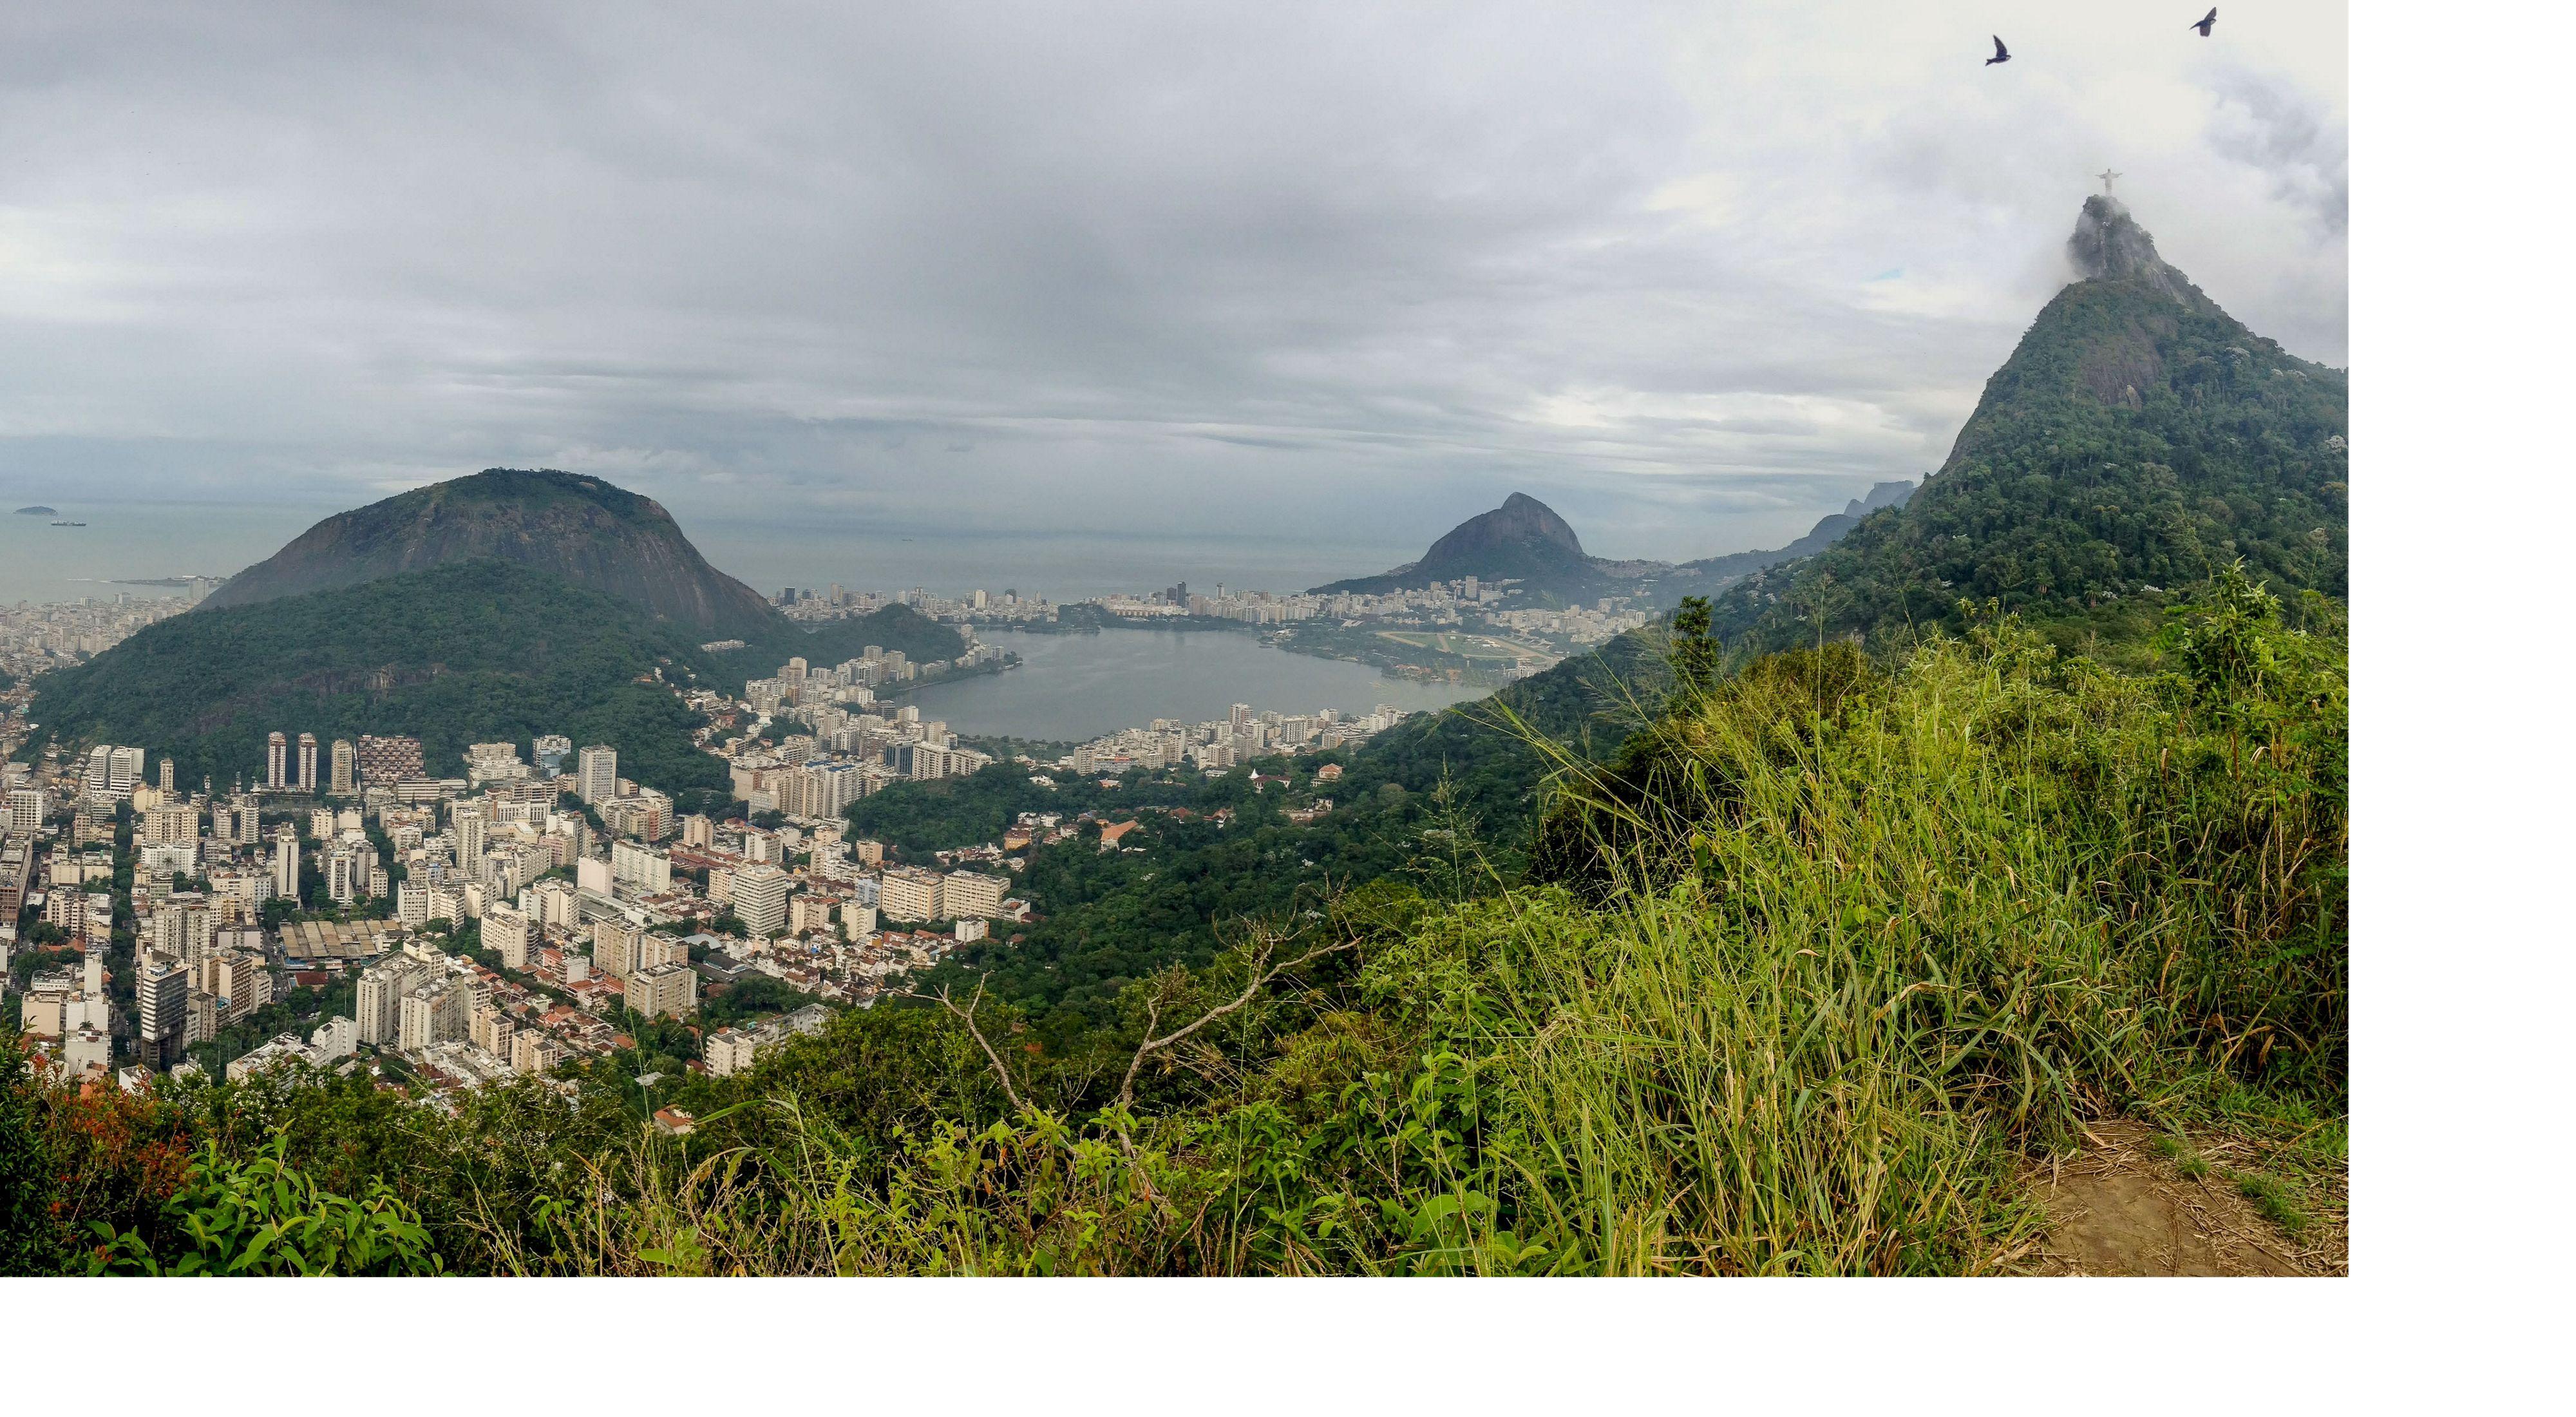 Cidade do Rio de Janeiro no Brasil.